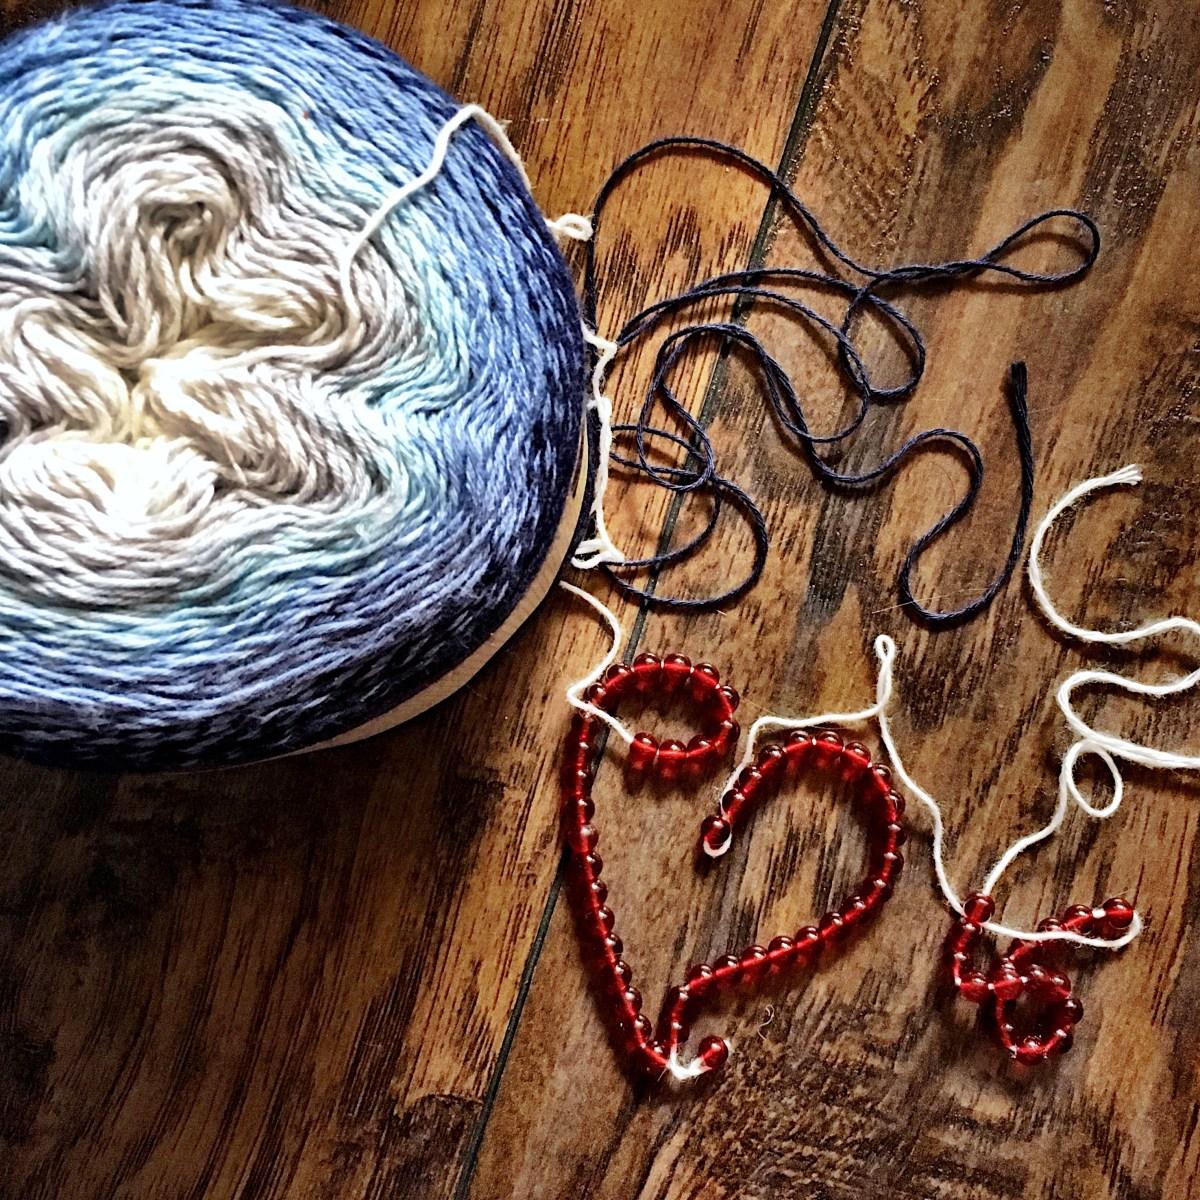 Scheepjes Whirl Cypress Textiles